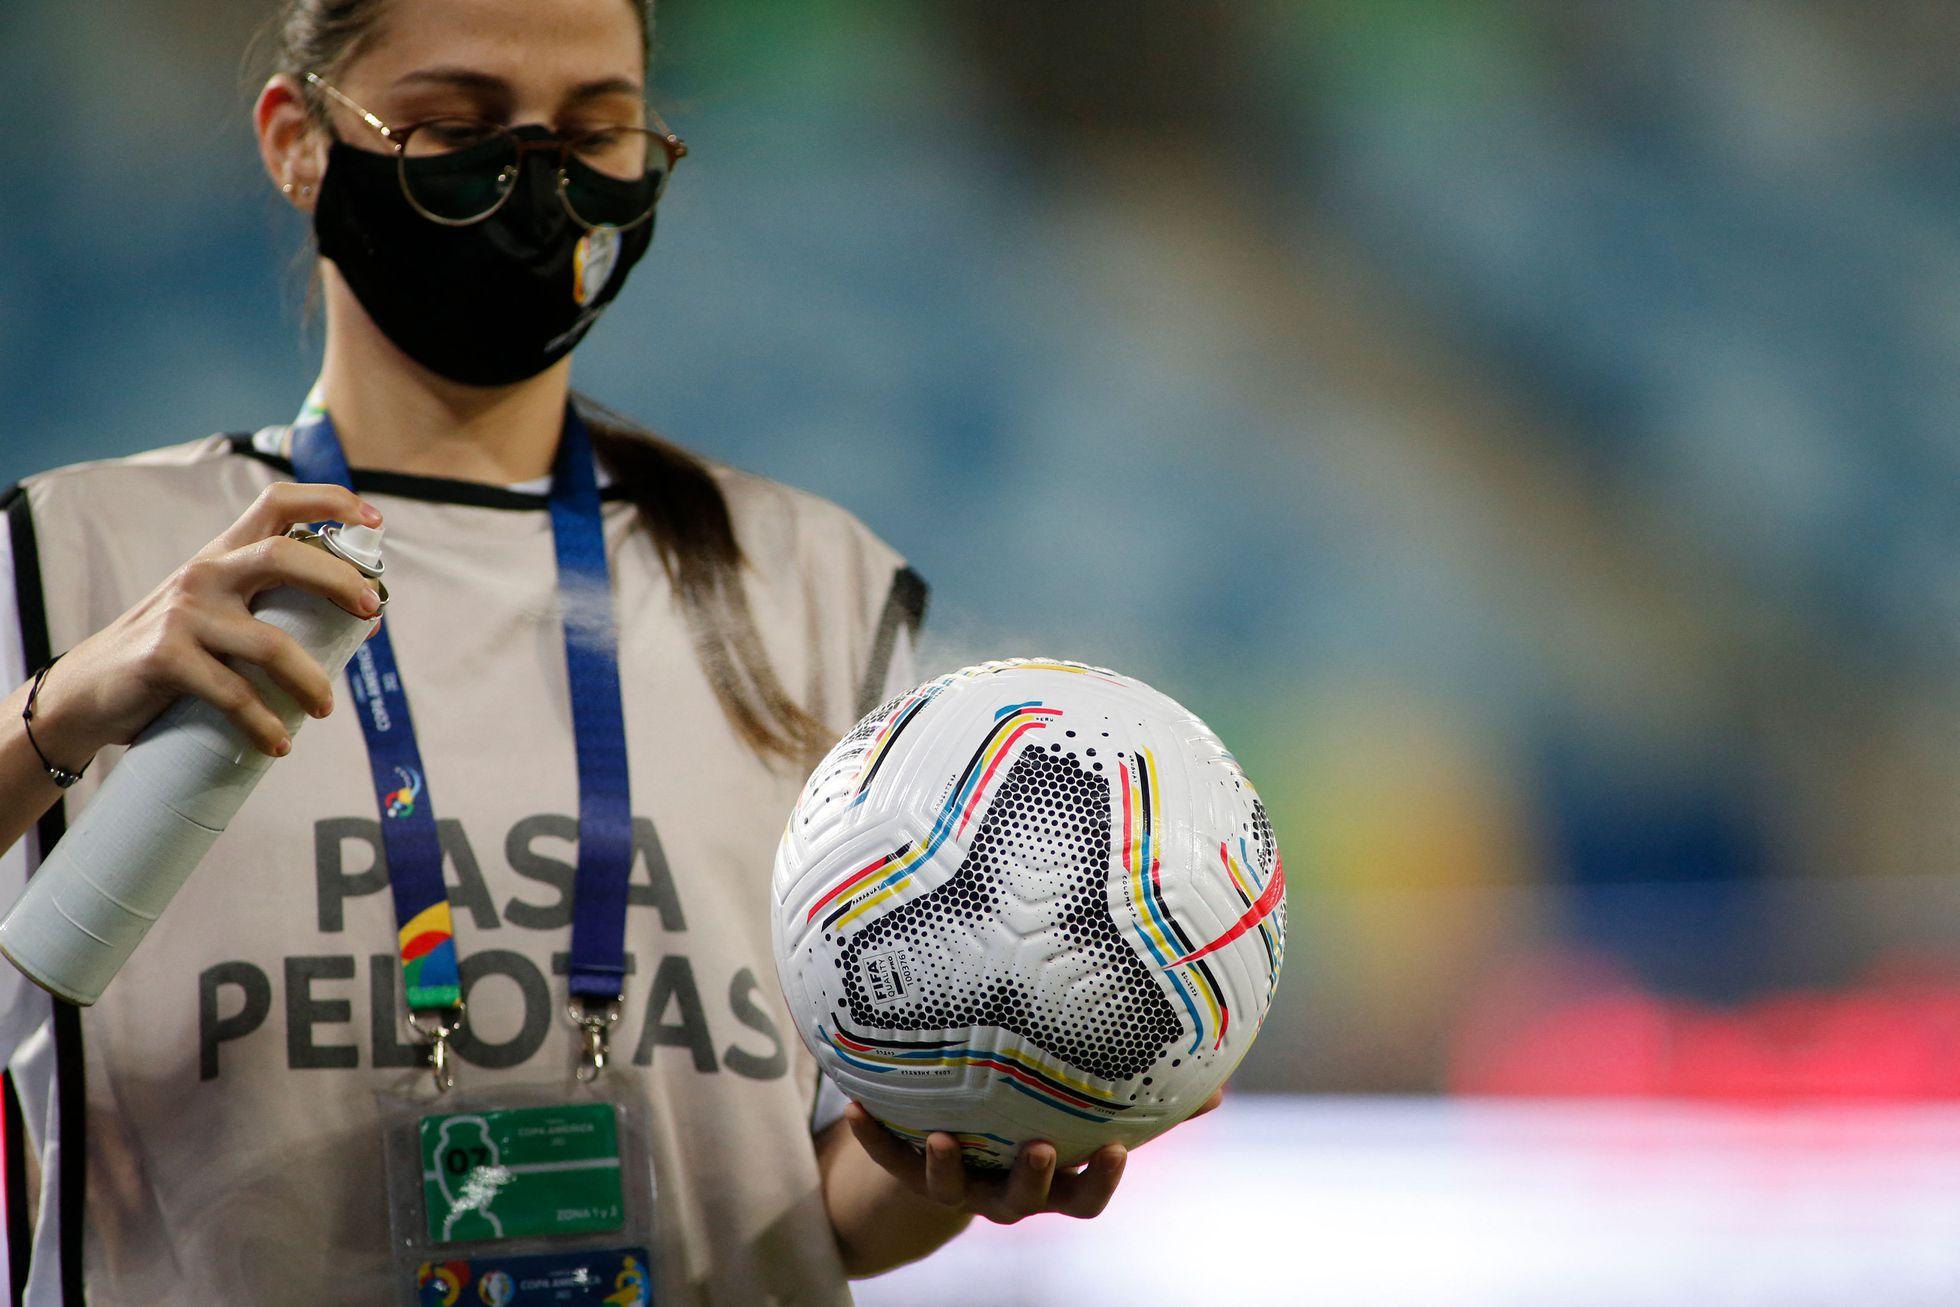 En la Copa America siguen encontrando casos positivos de COVID-19